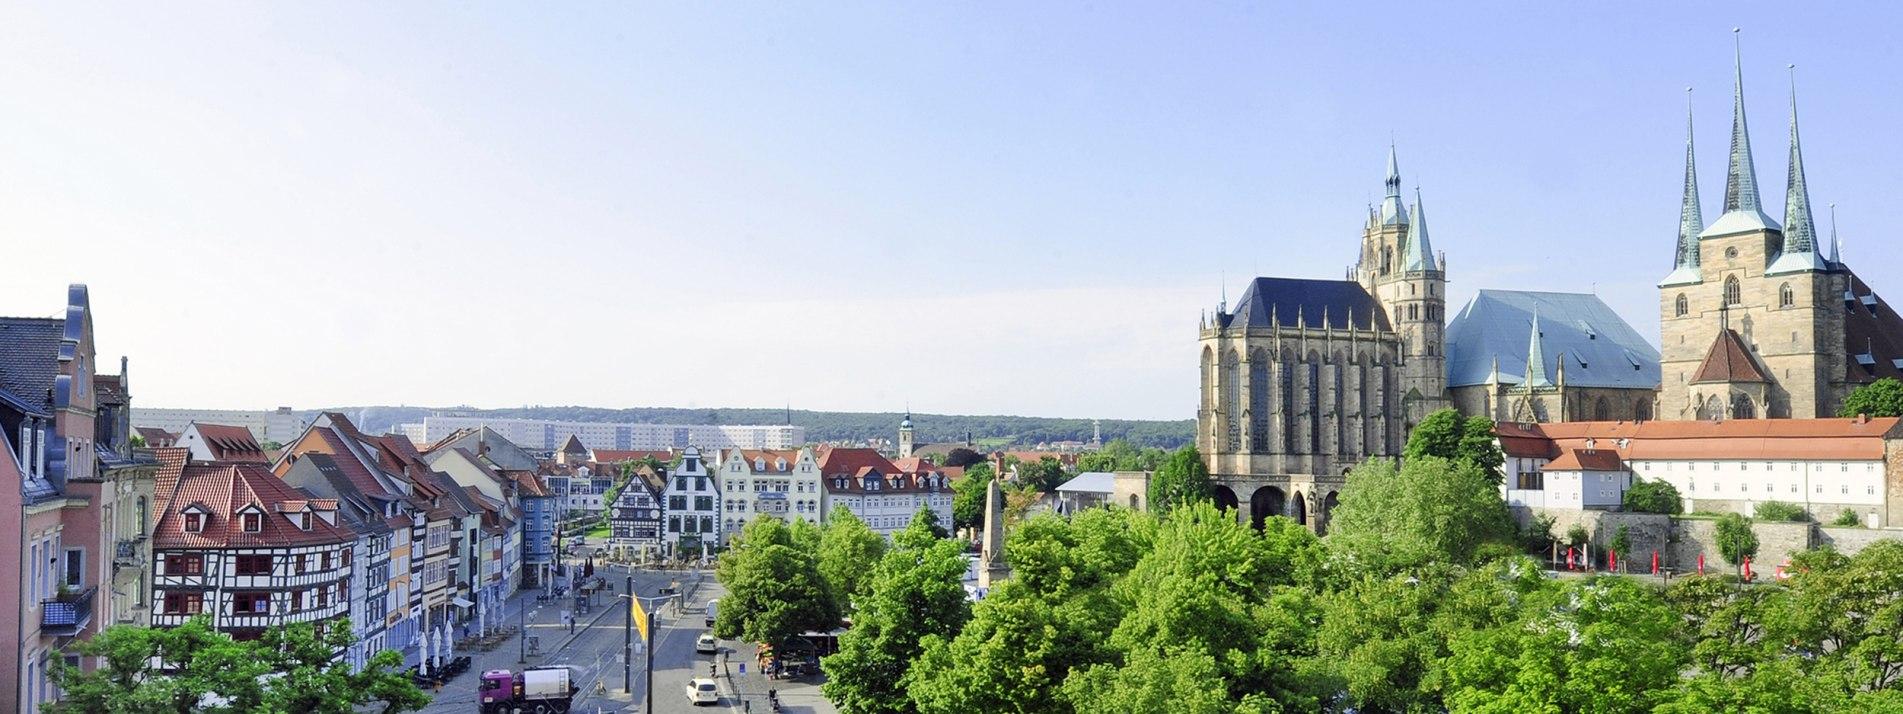 Erfurt Dom und Severi Panorama - BAHNHIT.DE, © getty